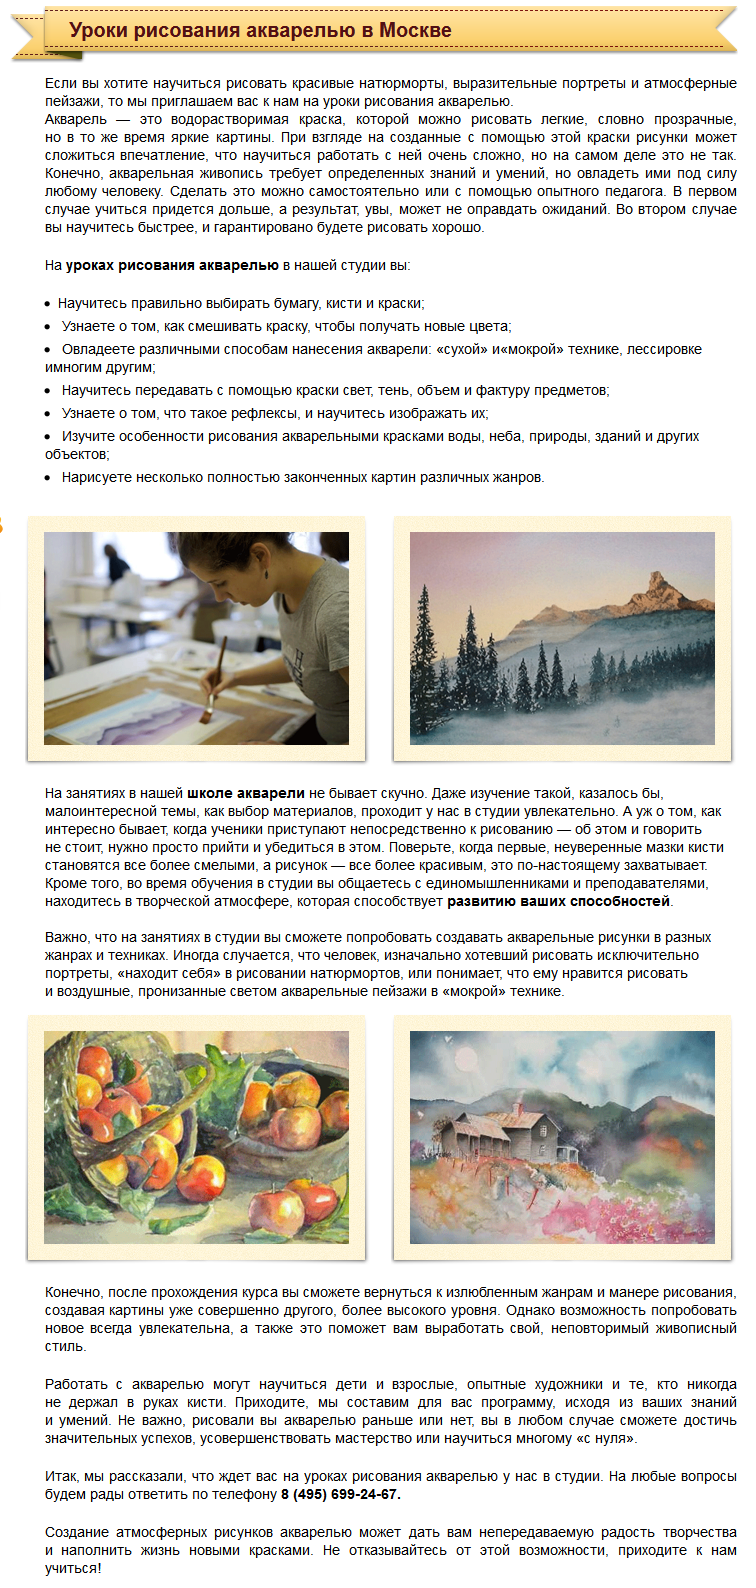 Статья о живописи